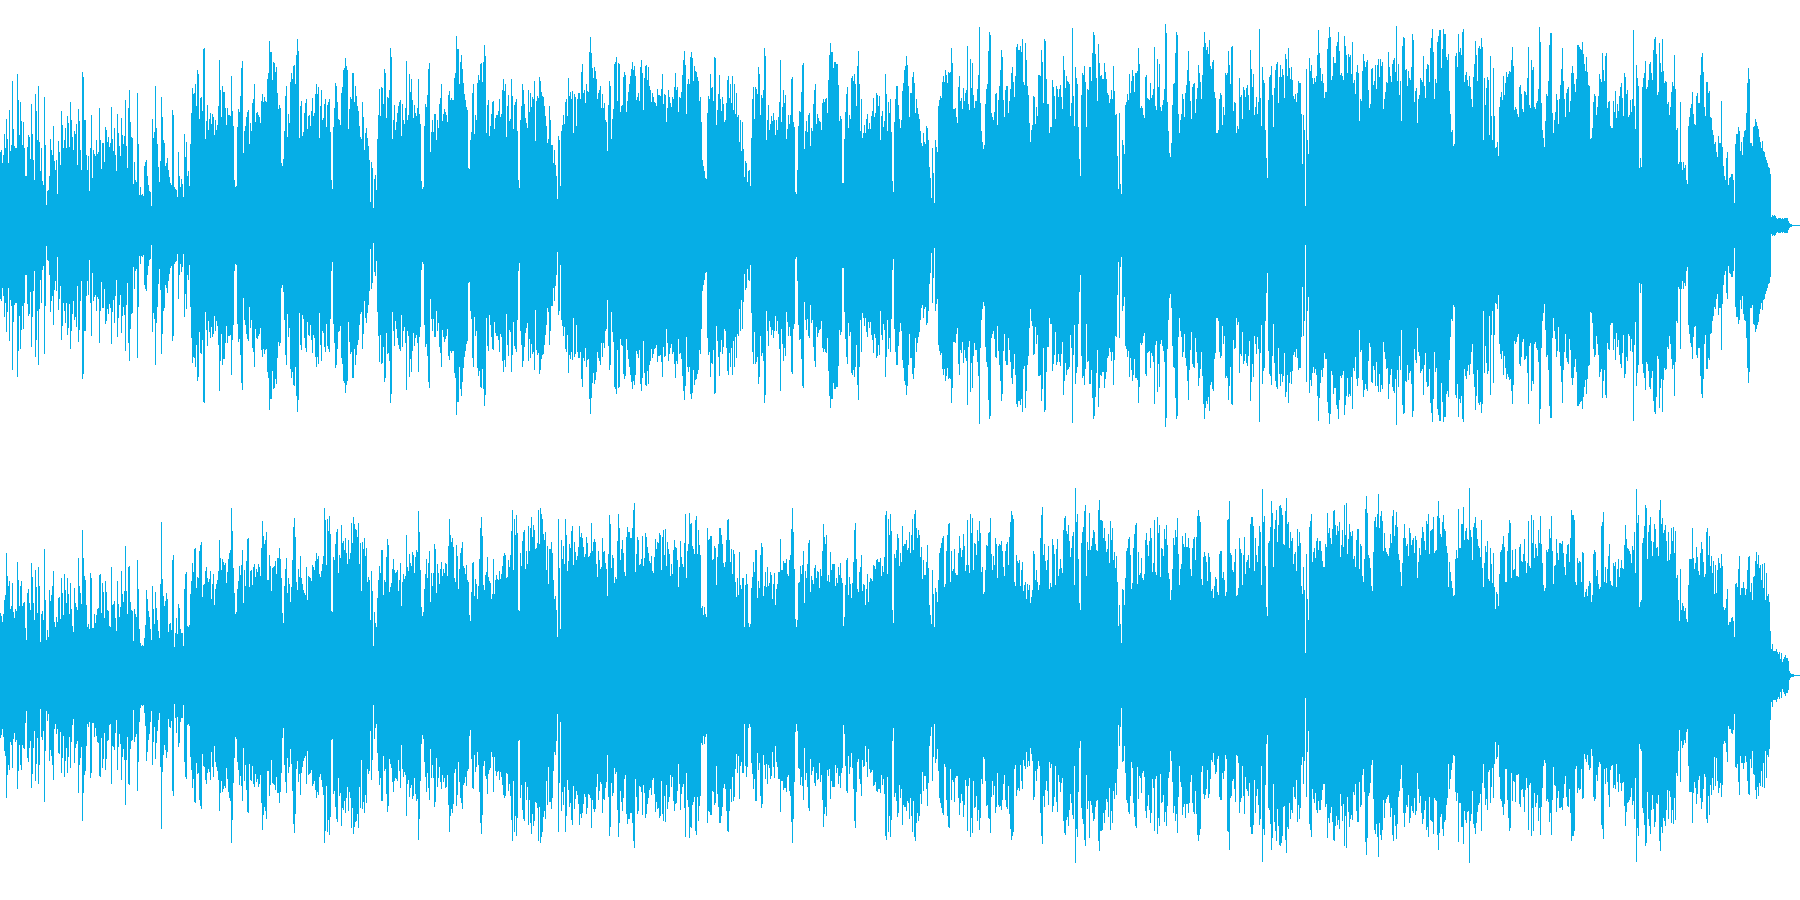 ピアノ、管での可愛らしいブライダルソングの再生済みの波形